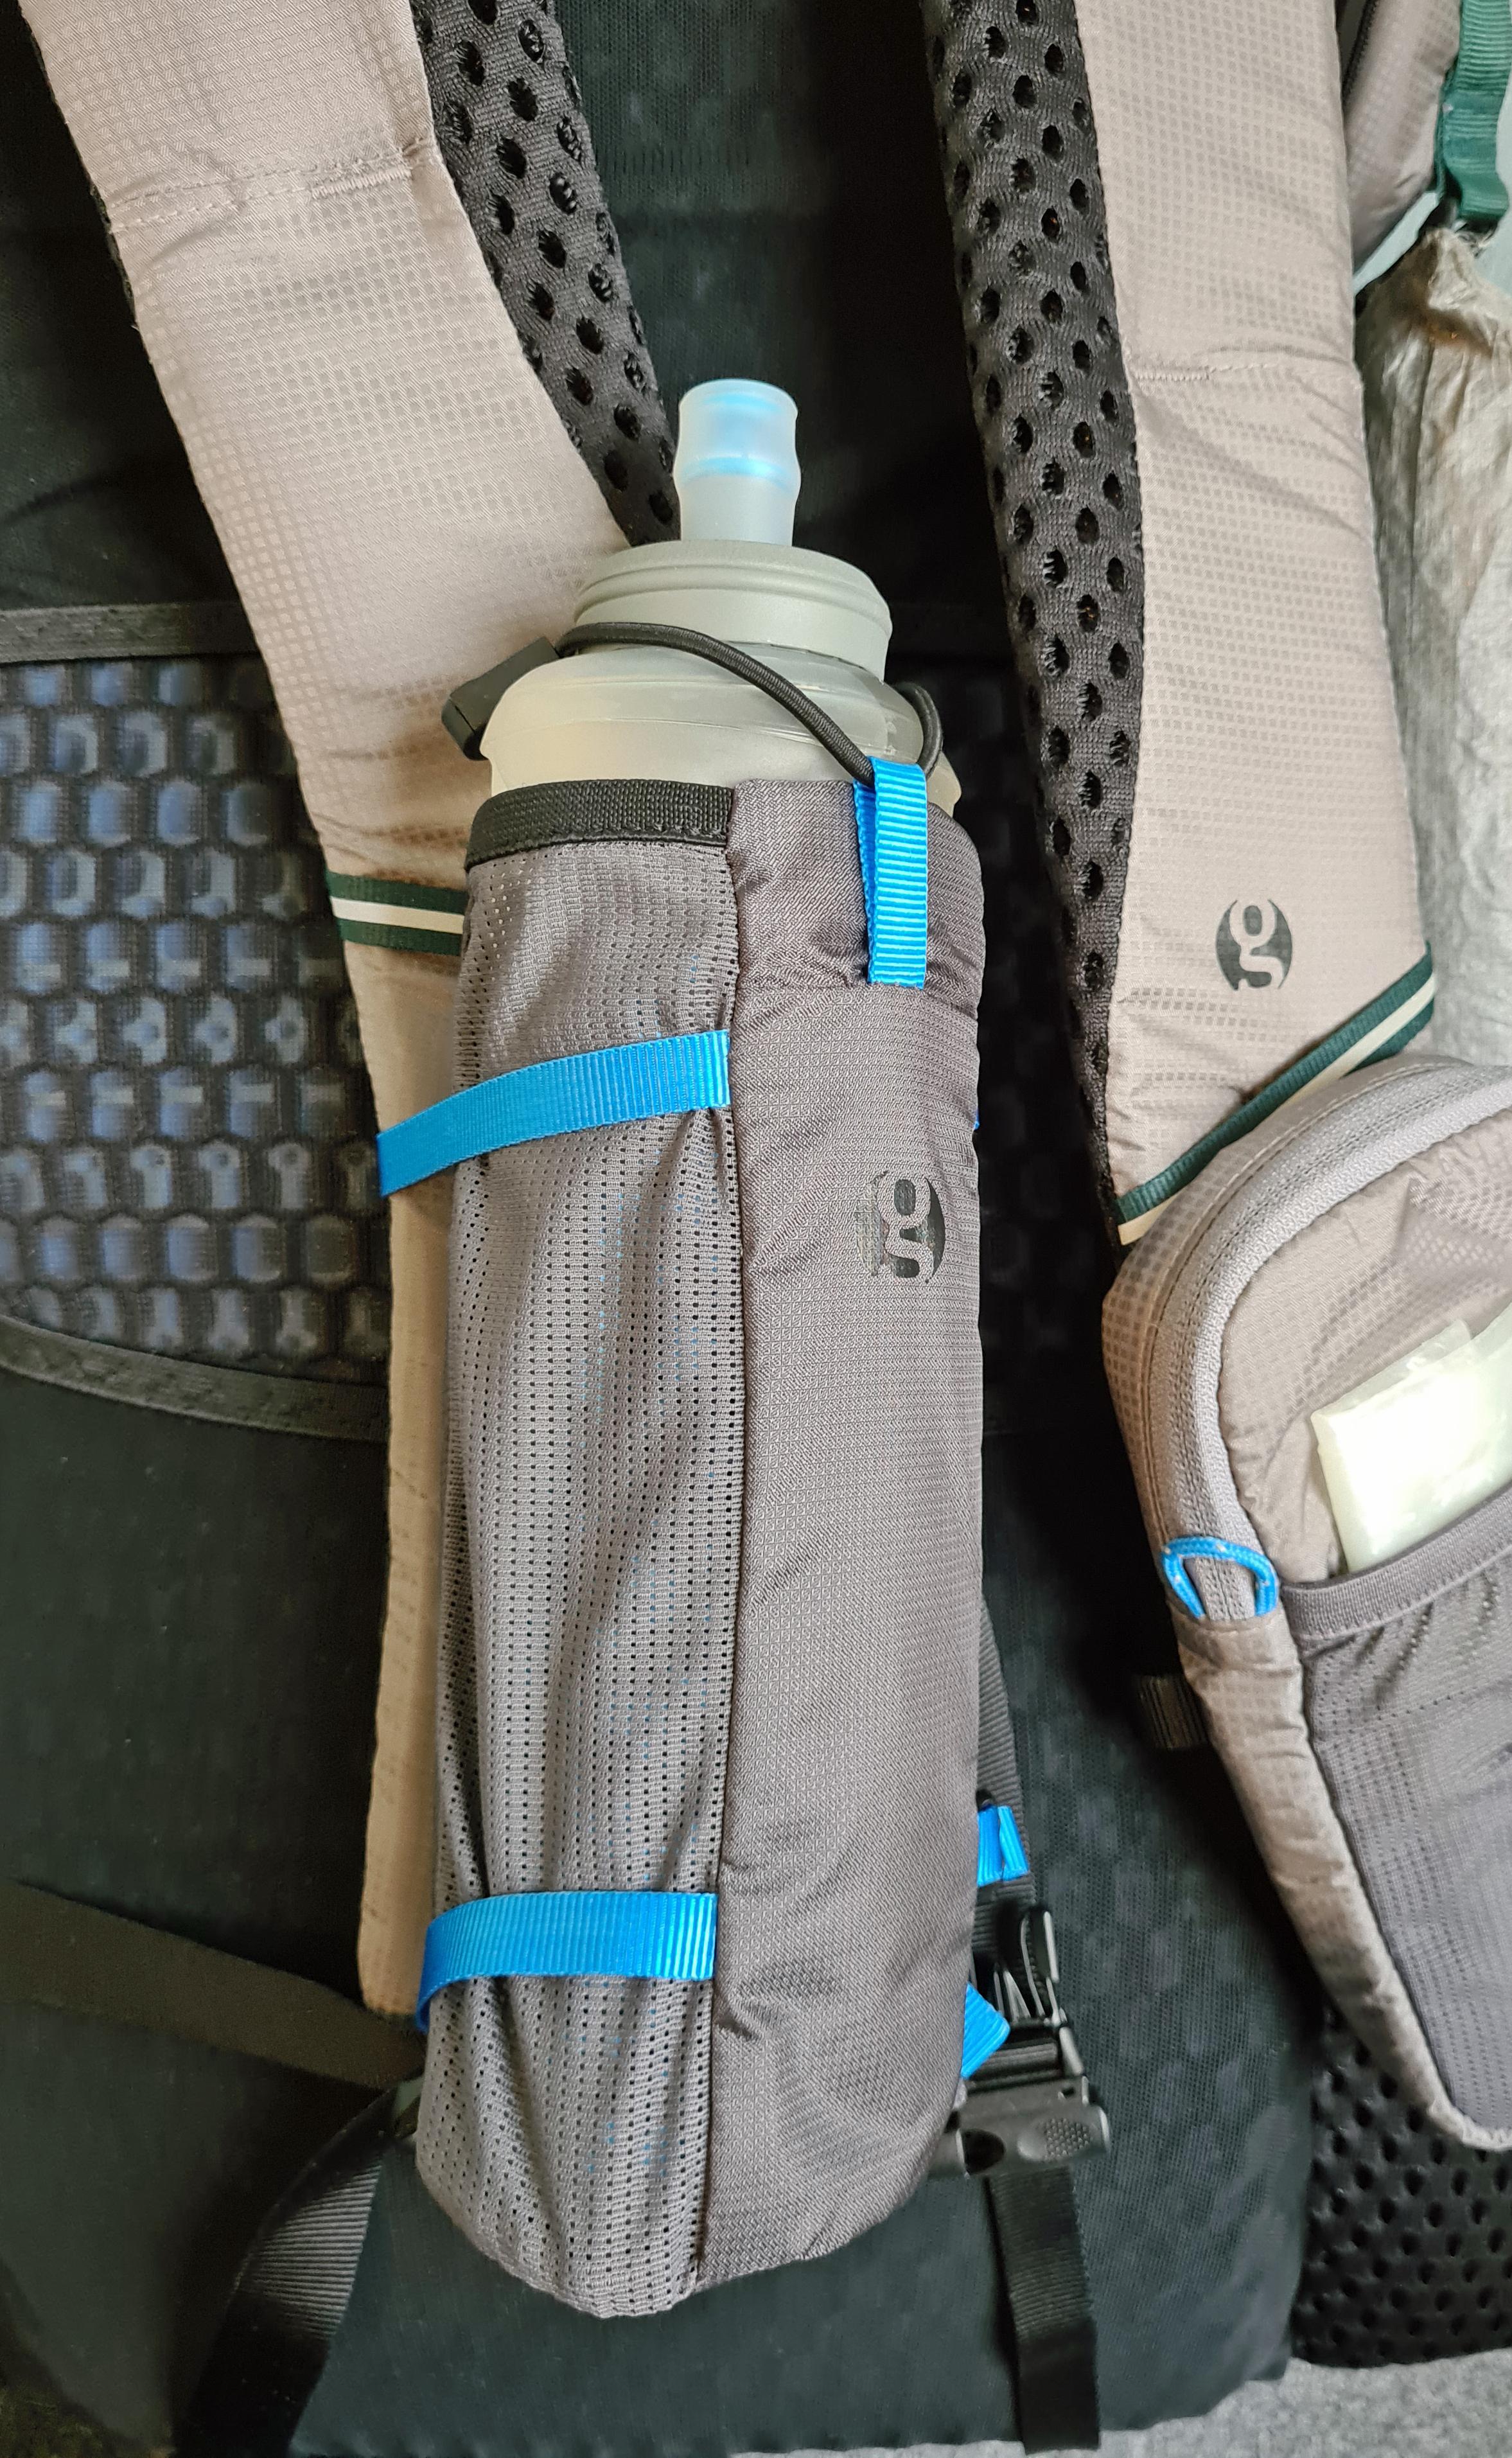 600ml HydraPak/Katadyn BeFree flask in Gossamer Gear Bottle Rocket shoulder strap bottle holder